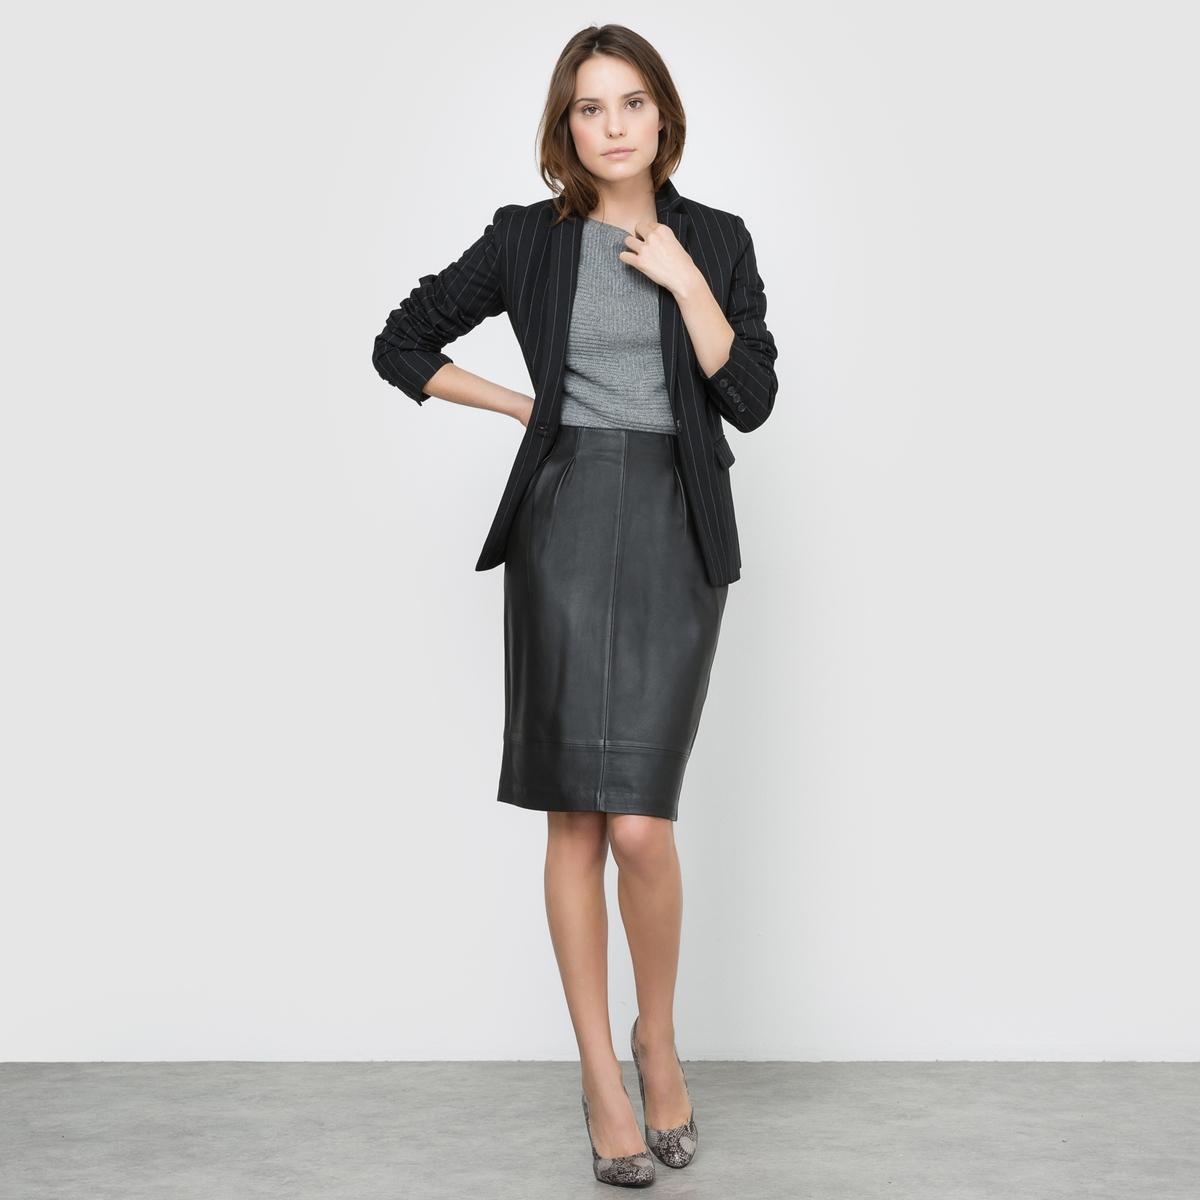 Жакет костюмный в полоскуЖакет костюмный в полоску. Костюмный воротник с небольшими отворотами. Застежка на пуговицу . Длинные рукава и манжеты с застежкой на пуговицы. 2 прорезных кармана с клапаном. На подкладке.Состав и описаниеМарка : Atelier RДлина : 65 смМатериал : Куртка 80% полиэстера, 18% вискозы, 2% эластана - Подкладка 100% полиэстераУходСухая чистка Гладить при низкой температуре с изнаночной стороны<br><br>Цвет: в полоску<br>Размер: 50 (FR) - 56 (RUS).48 (FR) - 54 (RUS).46 (FR) - 52 (RUS).44 (FR) - 50 (RUS).40 (FR) - 46 (RUS).38 (FR) - 44 (RUS).42 (FR) - 48 (RUS)